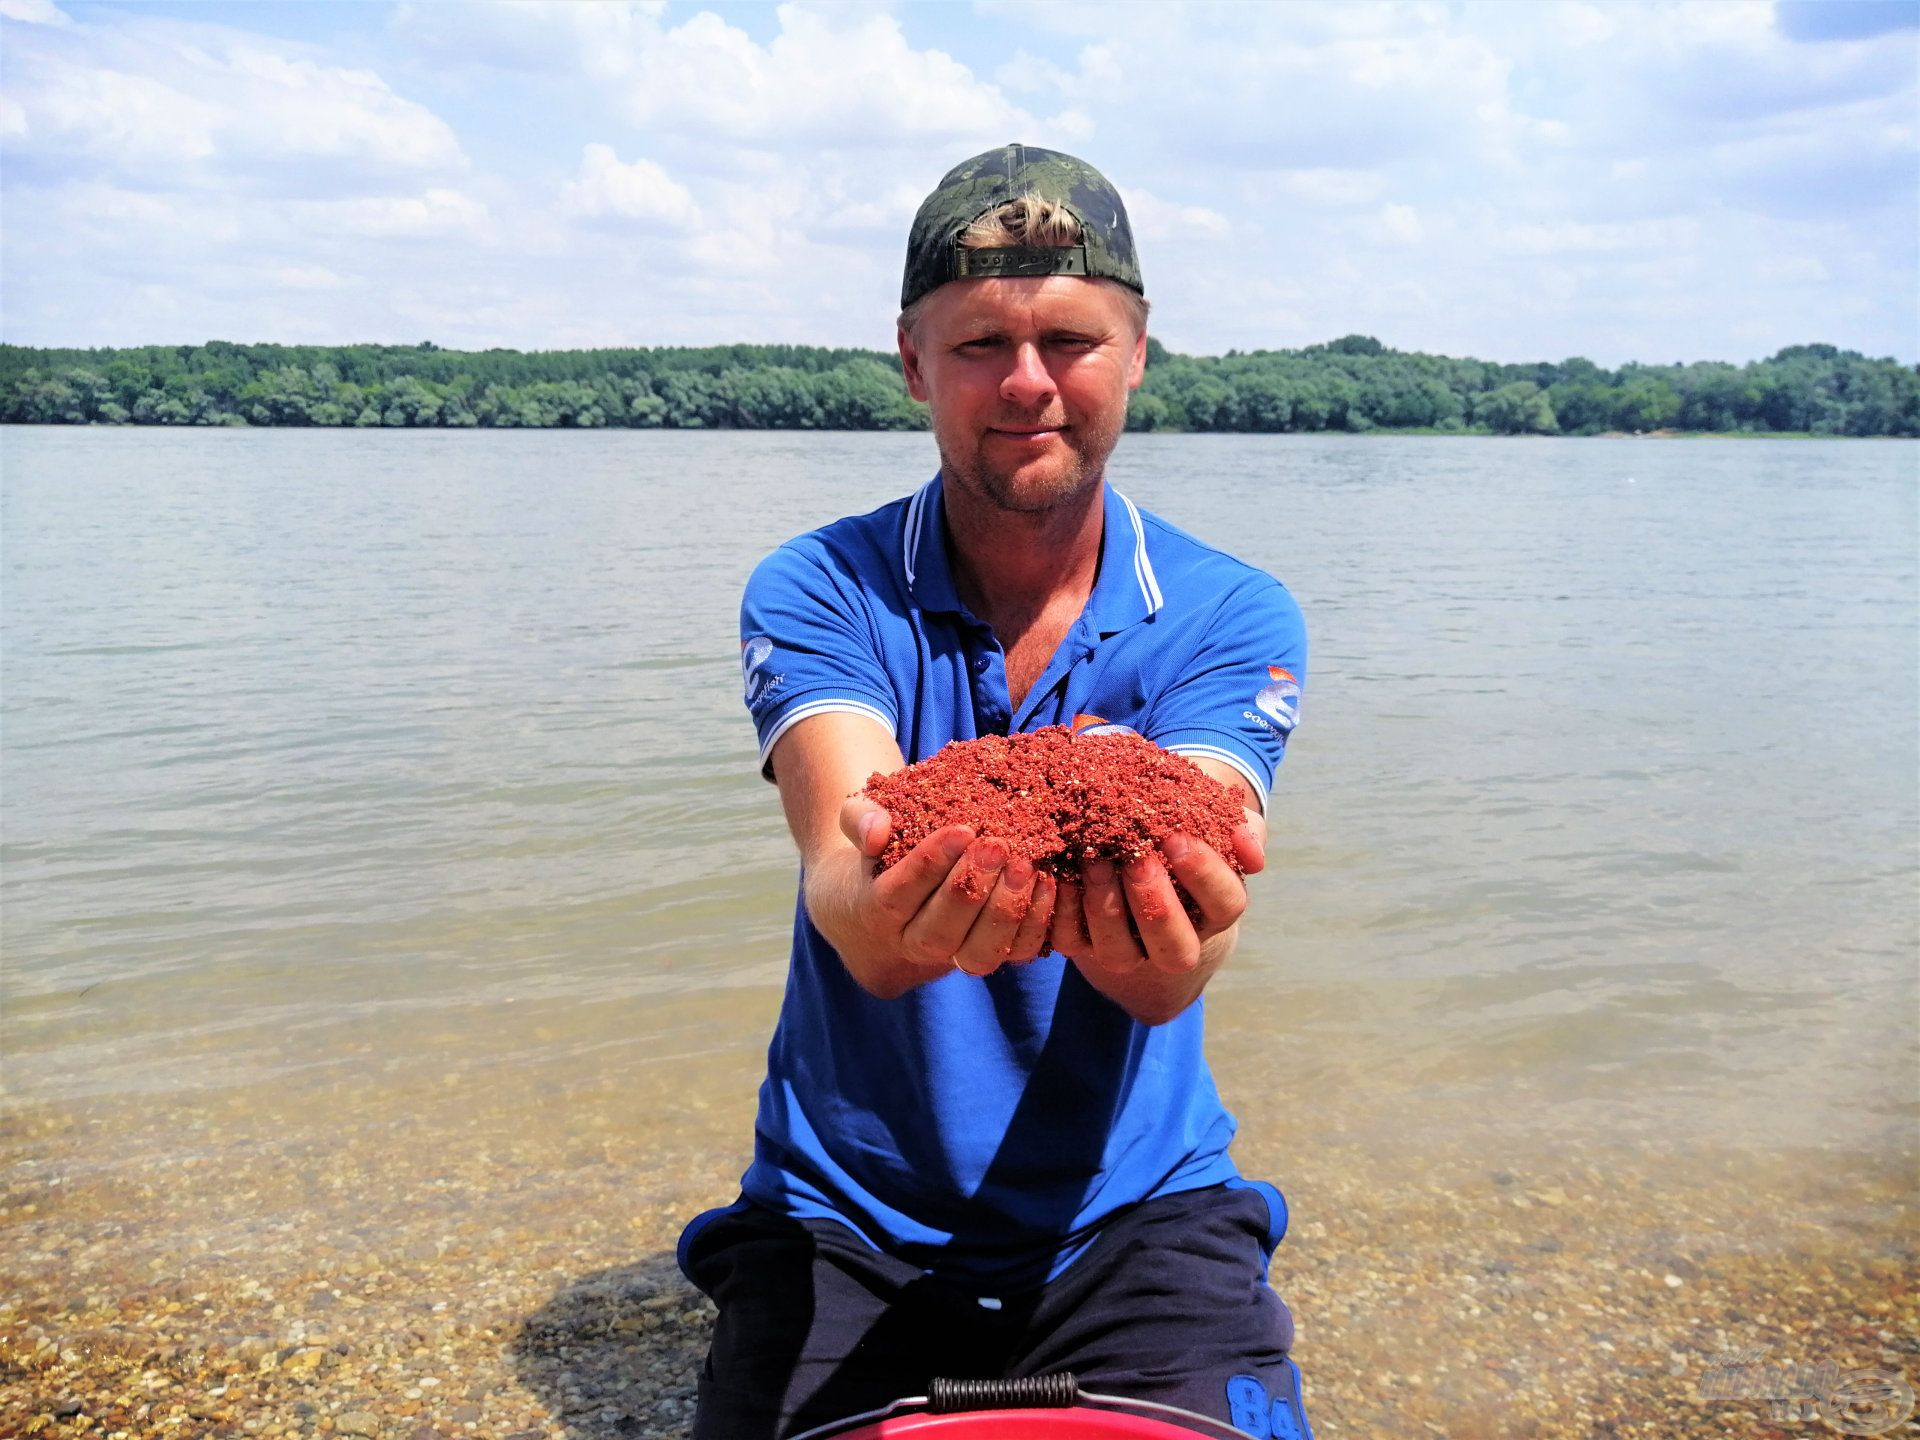 A Benzar mix paducos-márnás kajája tökéletes alap, ezt kell a pálya sajátosságaihoz és a halak szájízéhez alakítanunk